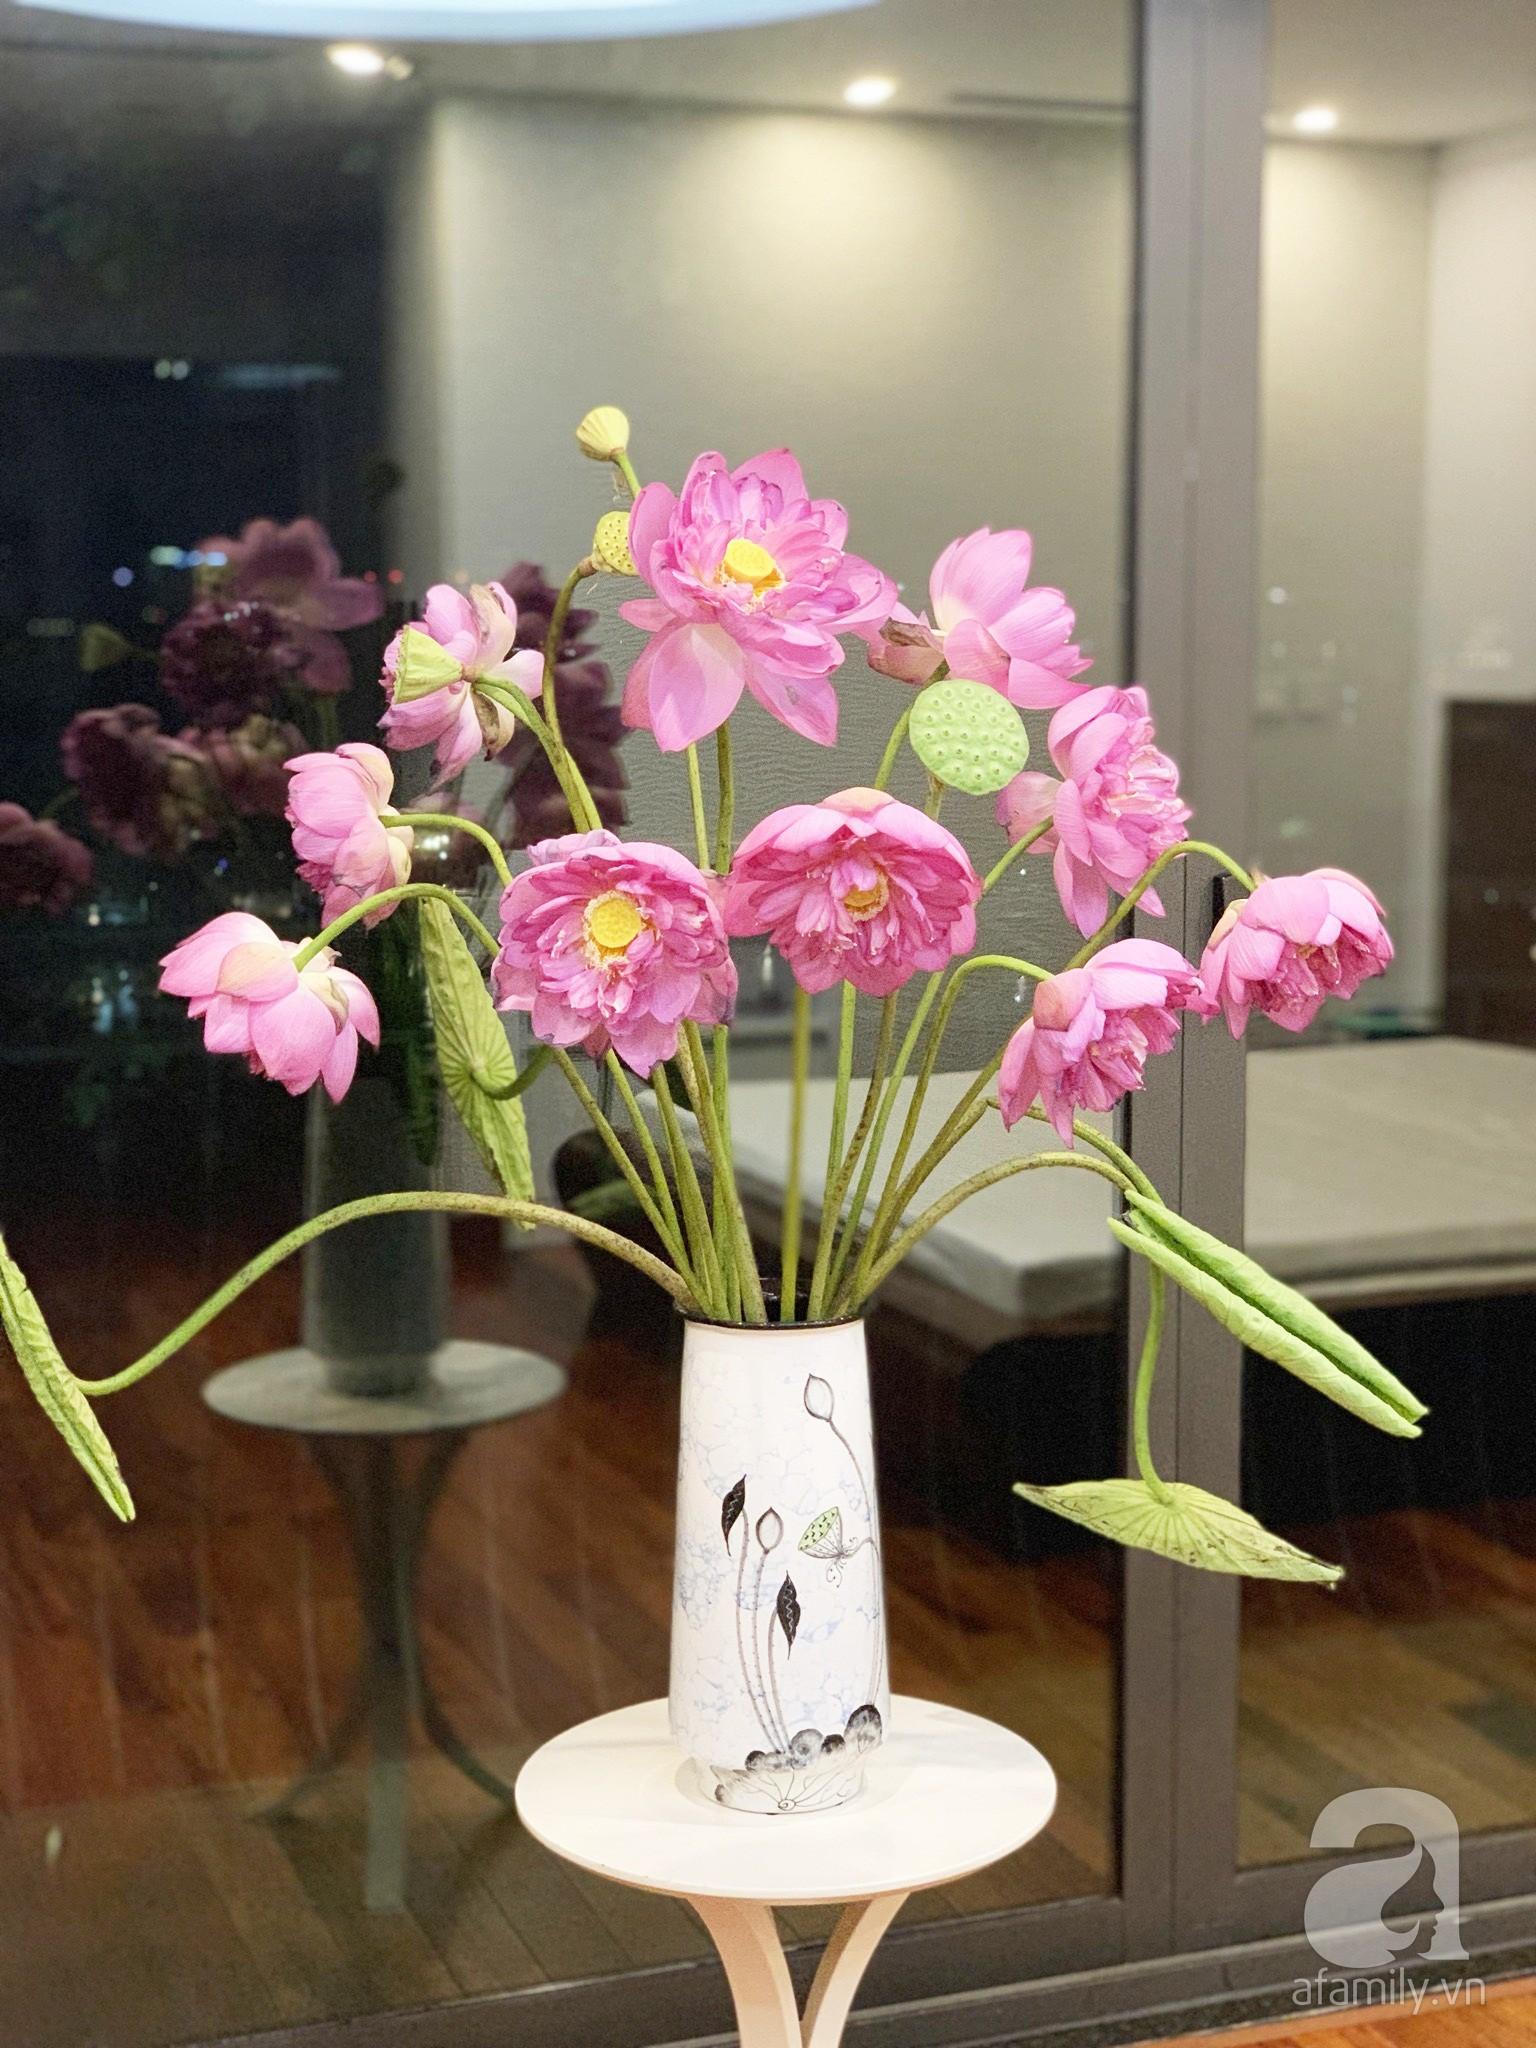 Níu giữ hương mùa hạ với những bình hoa sen đẹp dịu dàng trong tổ ấm của 3 người phụ nữ đảm tại Hà Nội - Hình 10